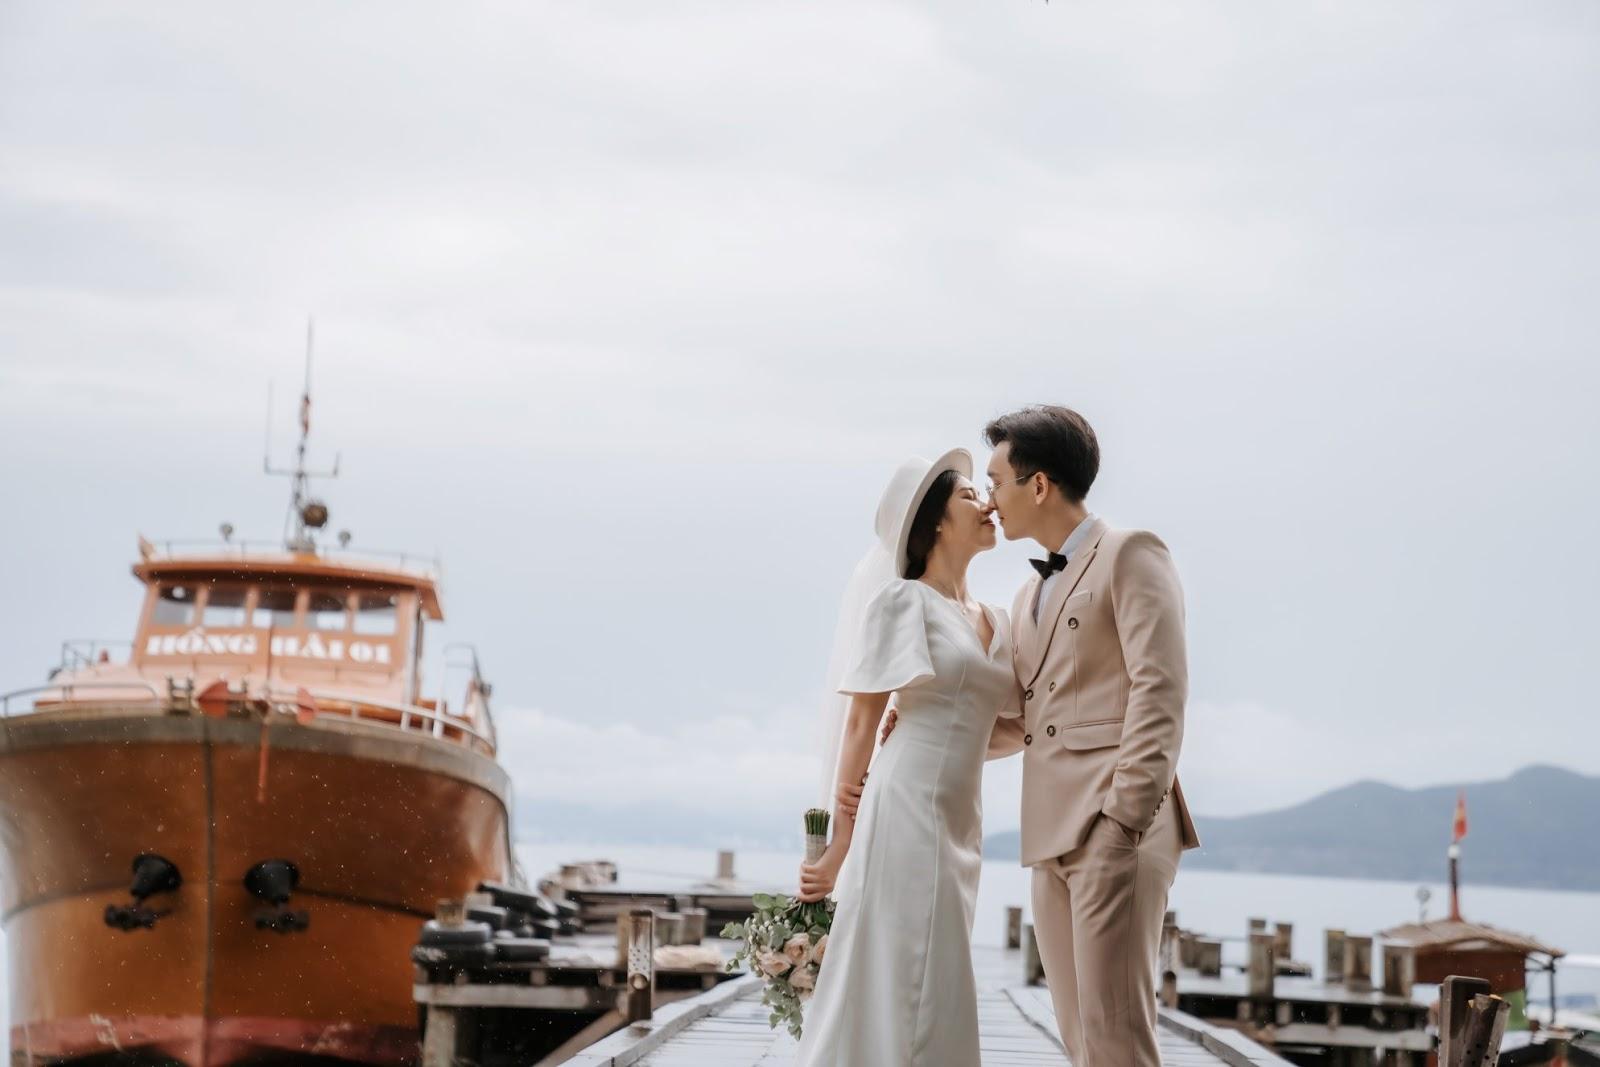 Chụp ảnh cưới trên cảng tình tứ và hòa với thiên nhiên